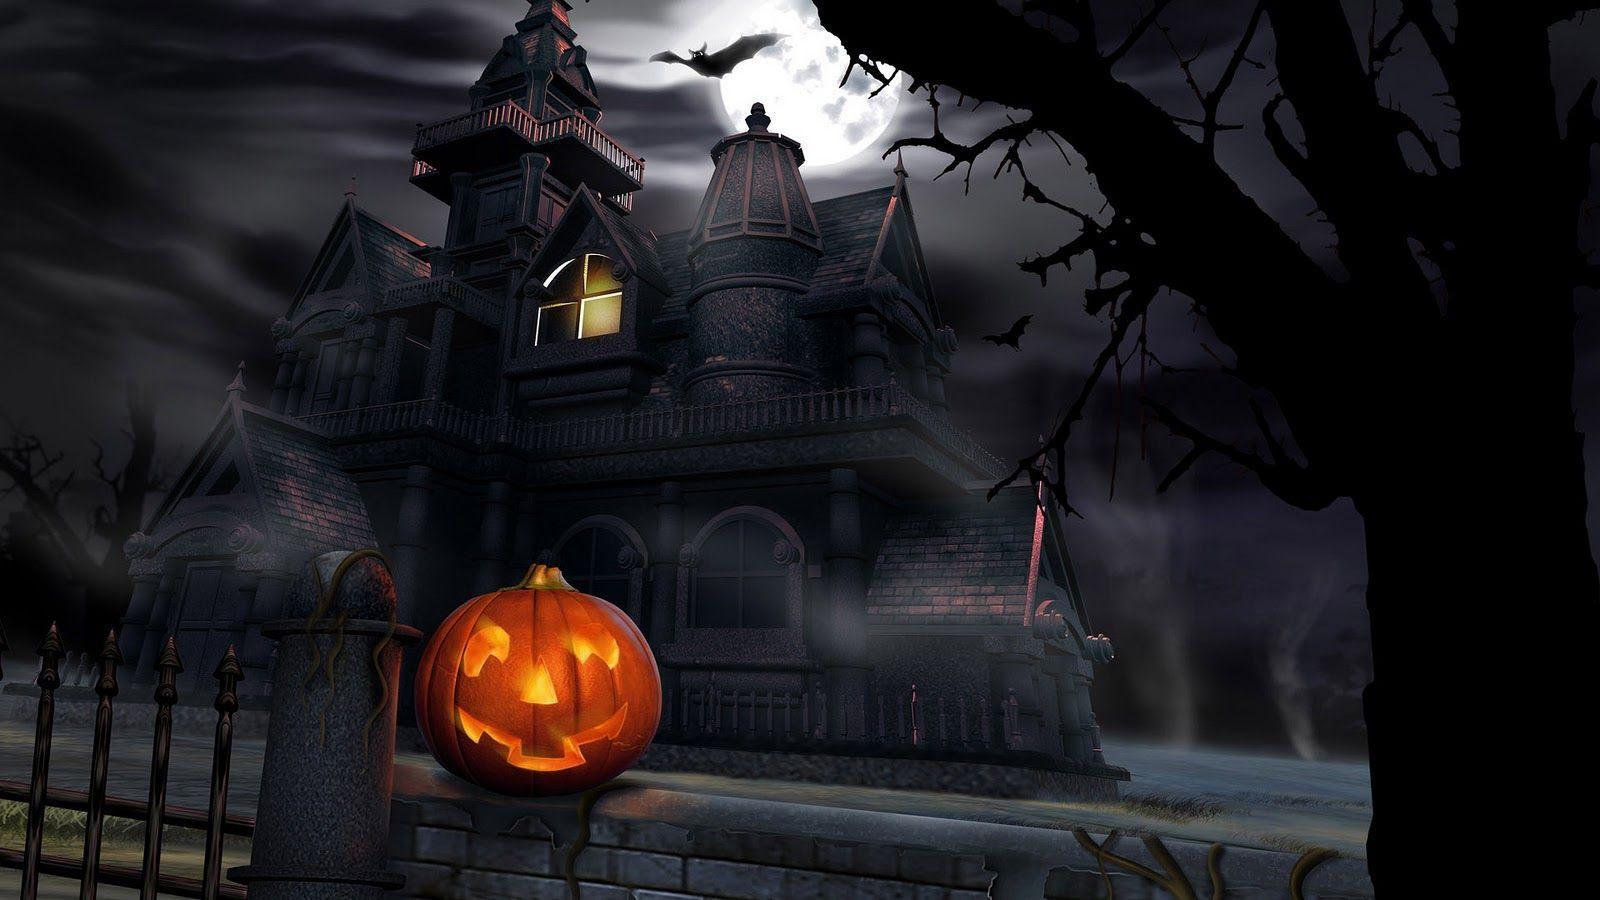 Halloween Background Hd.4k Halloween Wallpapers Top Free 4k Halloween Backgrounds